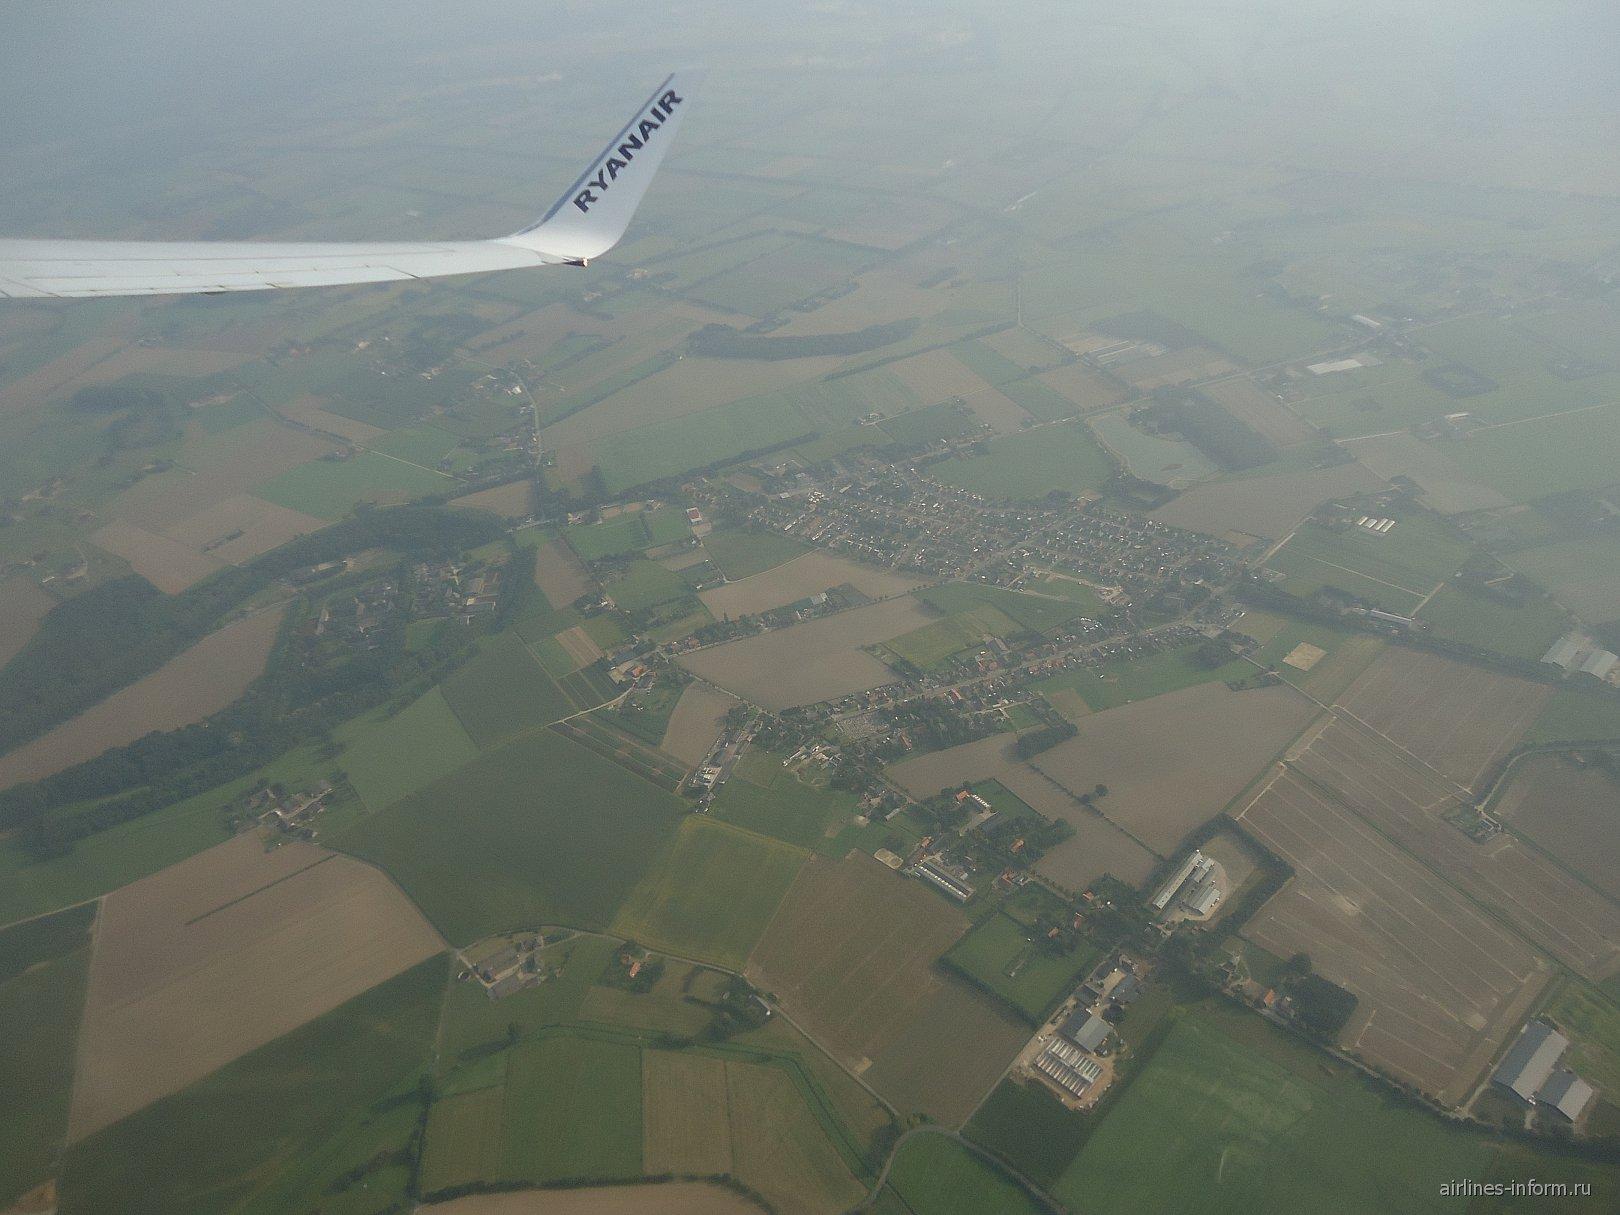 С Ryanair в полете над Европой